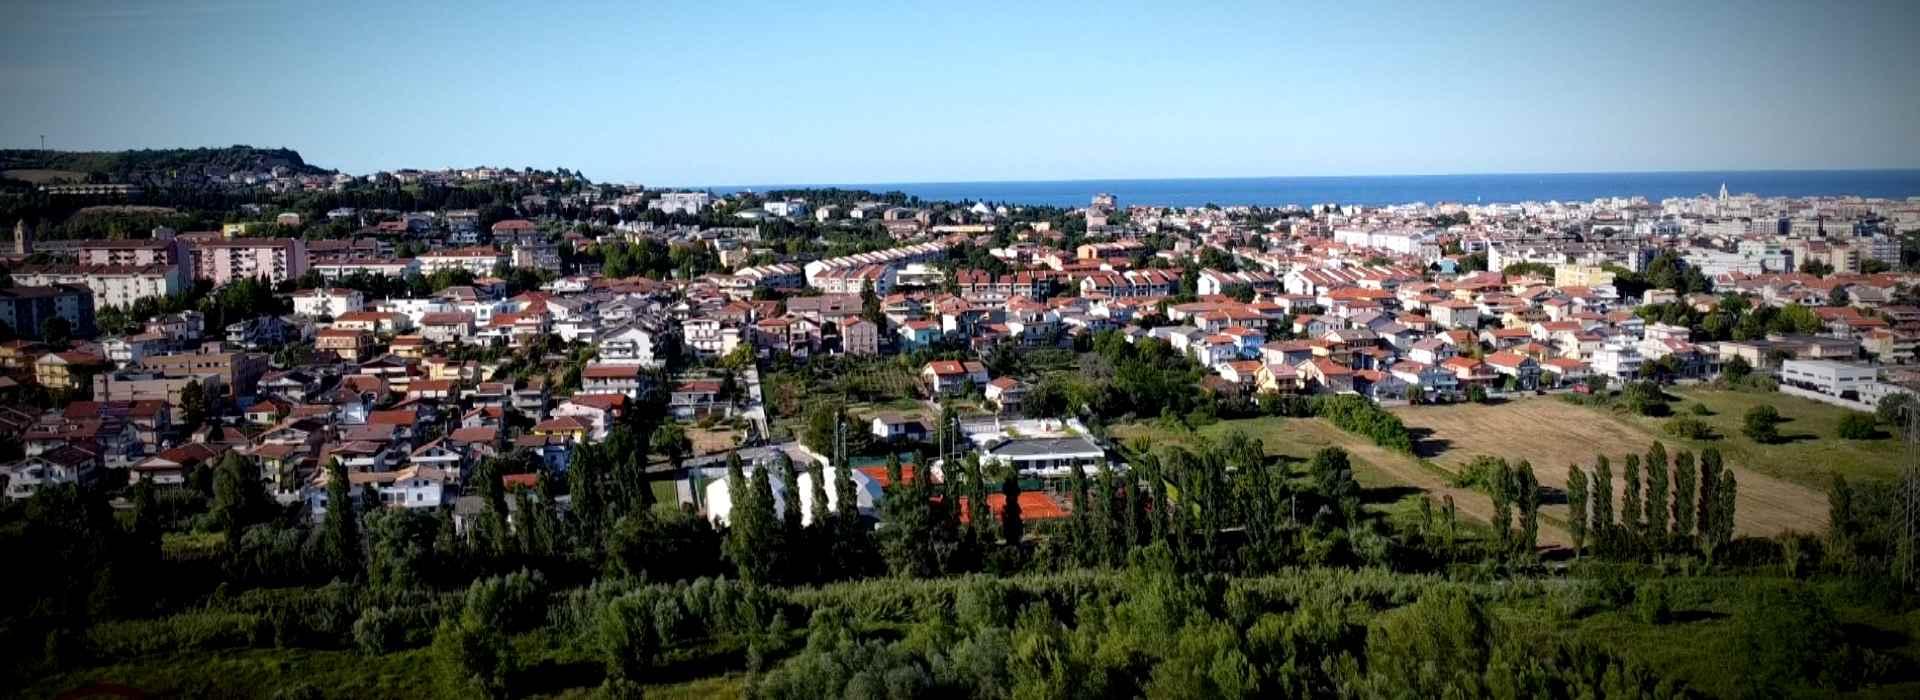 Pescara: il viaggio di Zone d'Ombra Tv nei quartieri dello spaccio